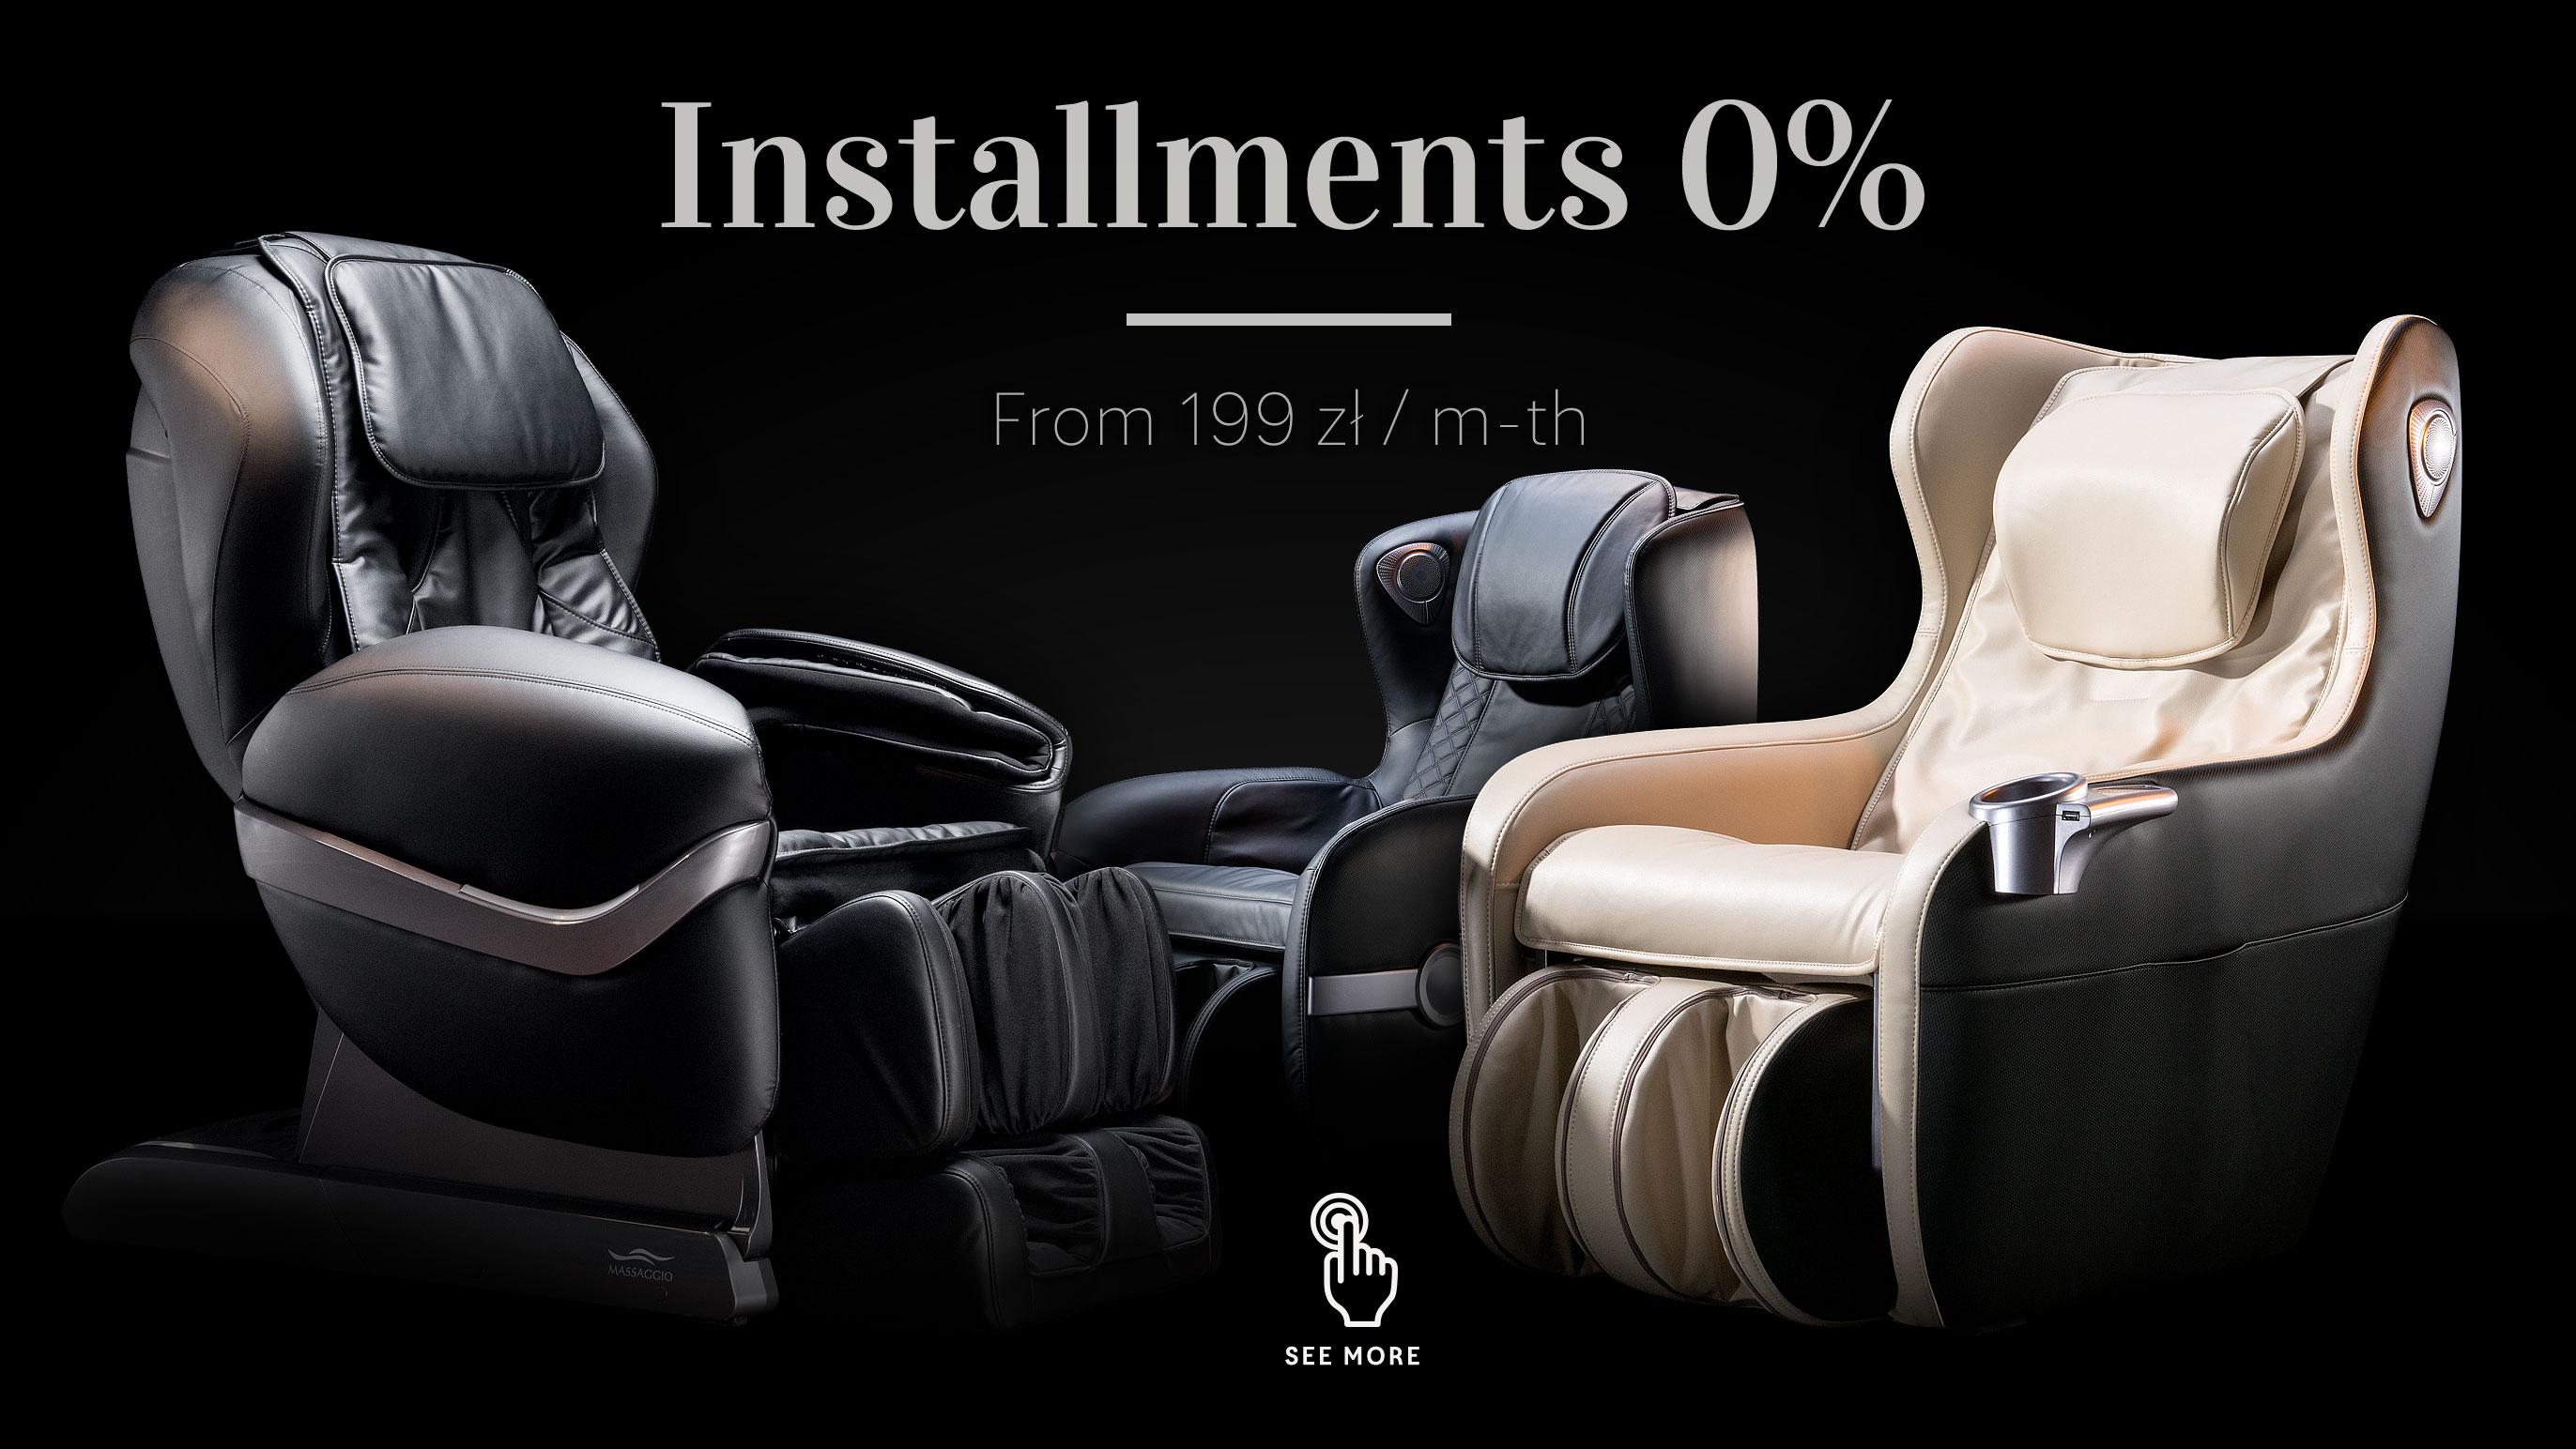 Installments 0%